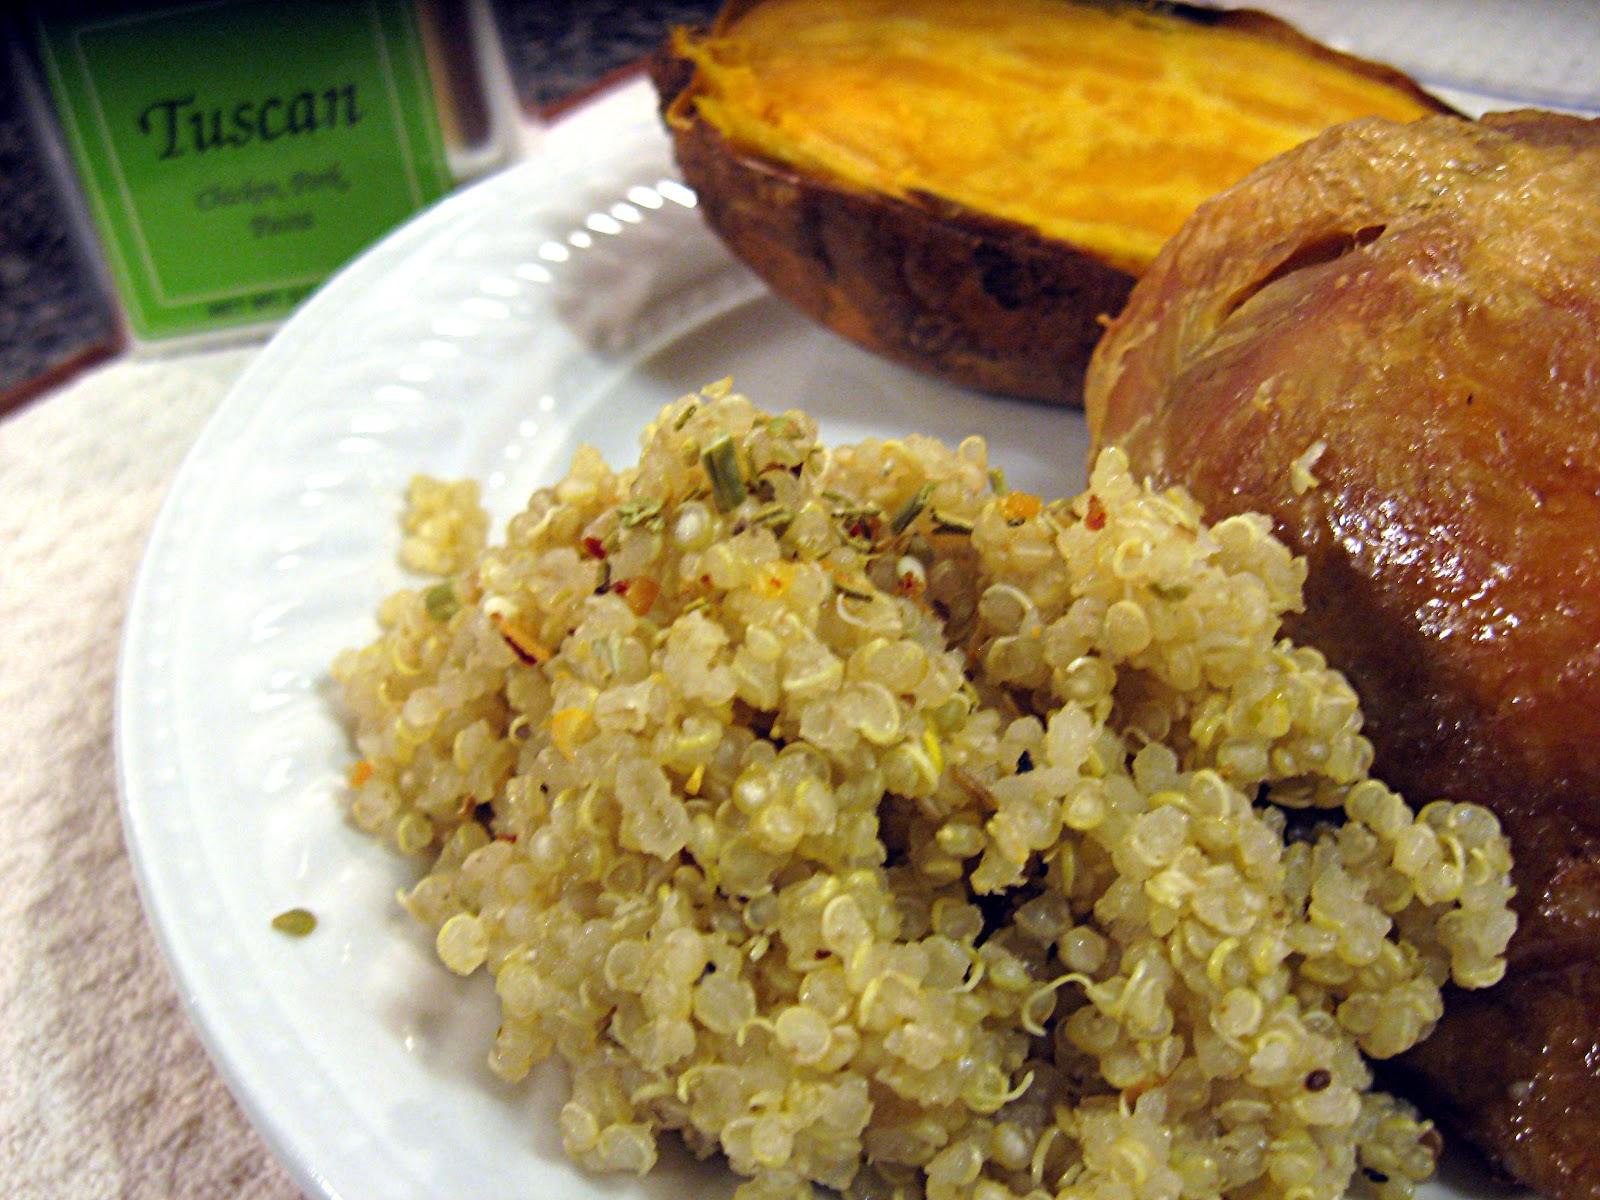 Instant Gourmet Seasoning Gourmet Tuscan Seasoning